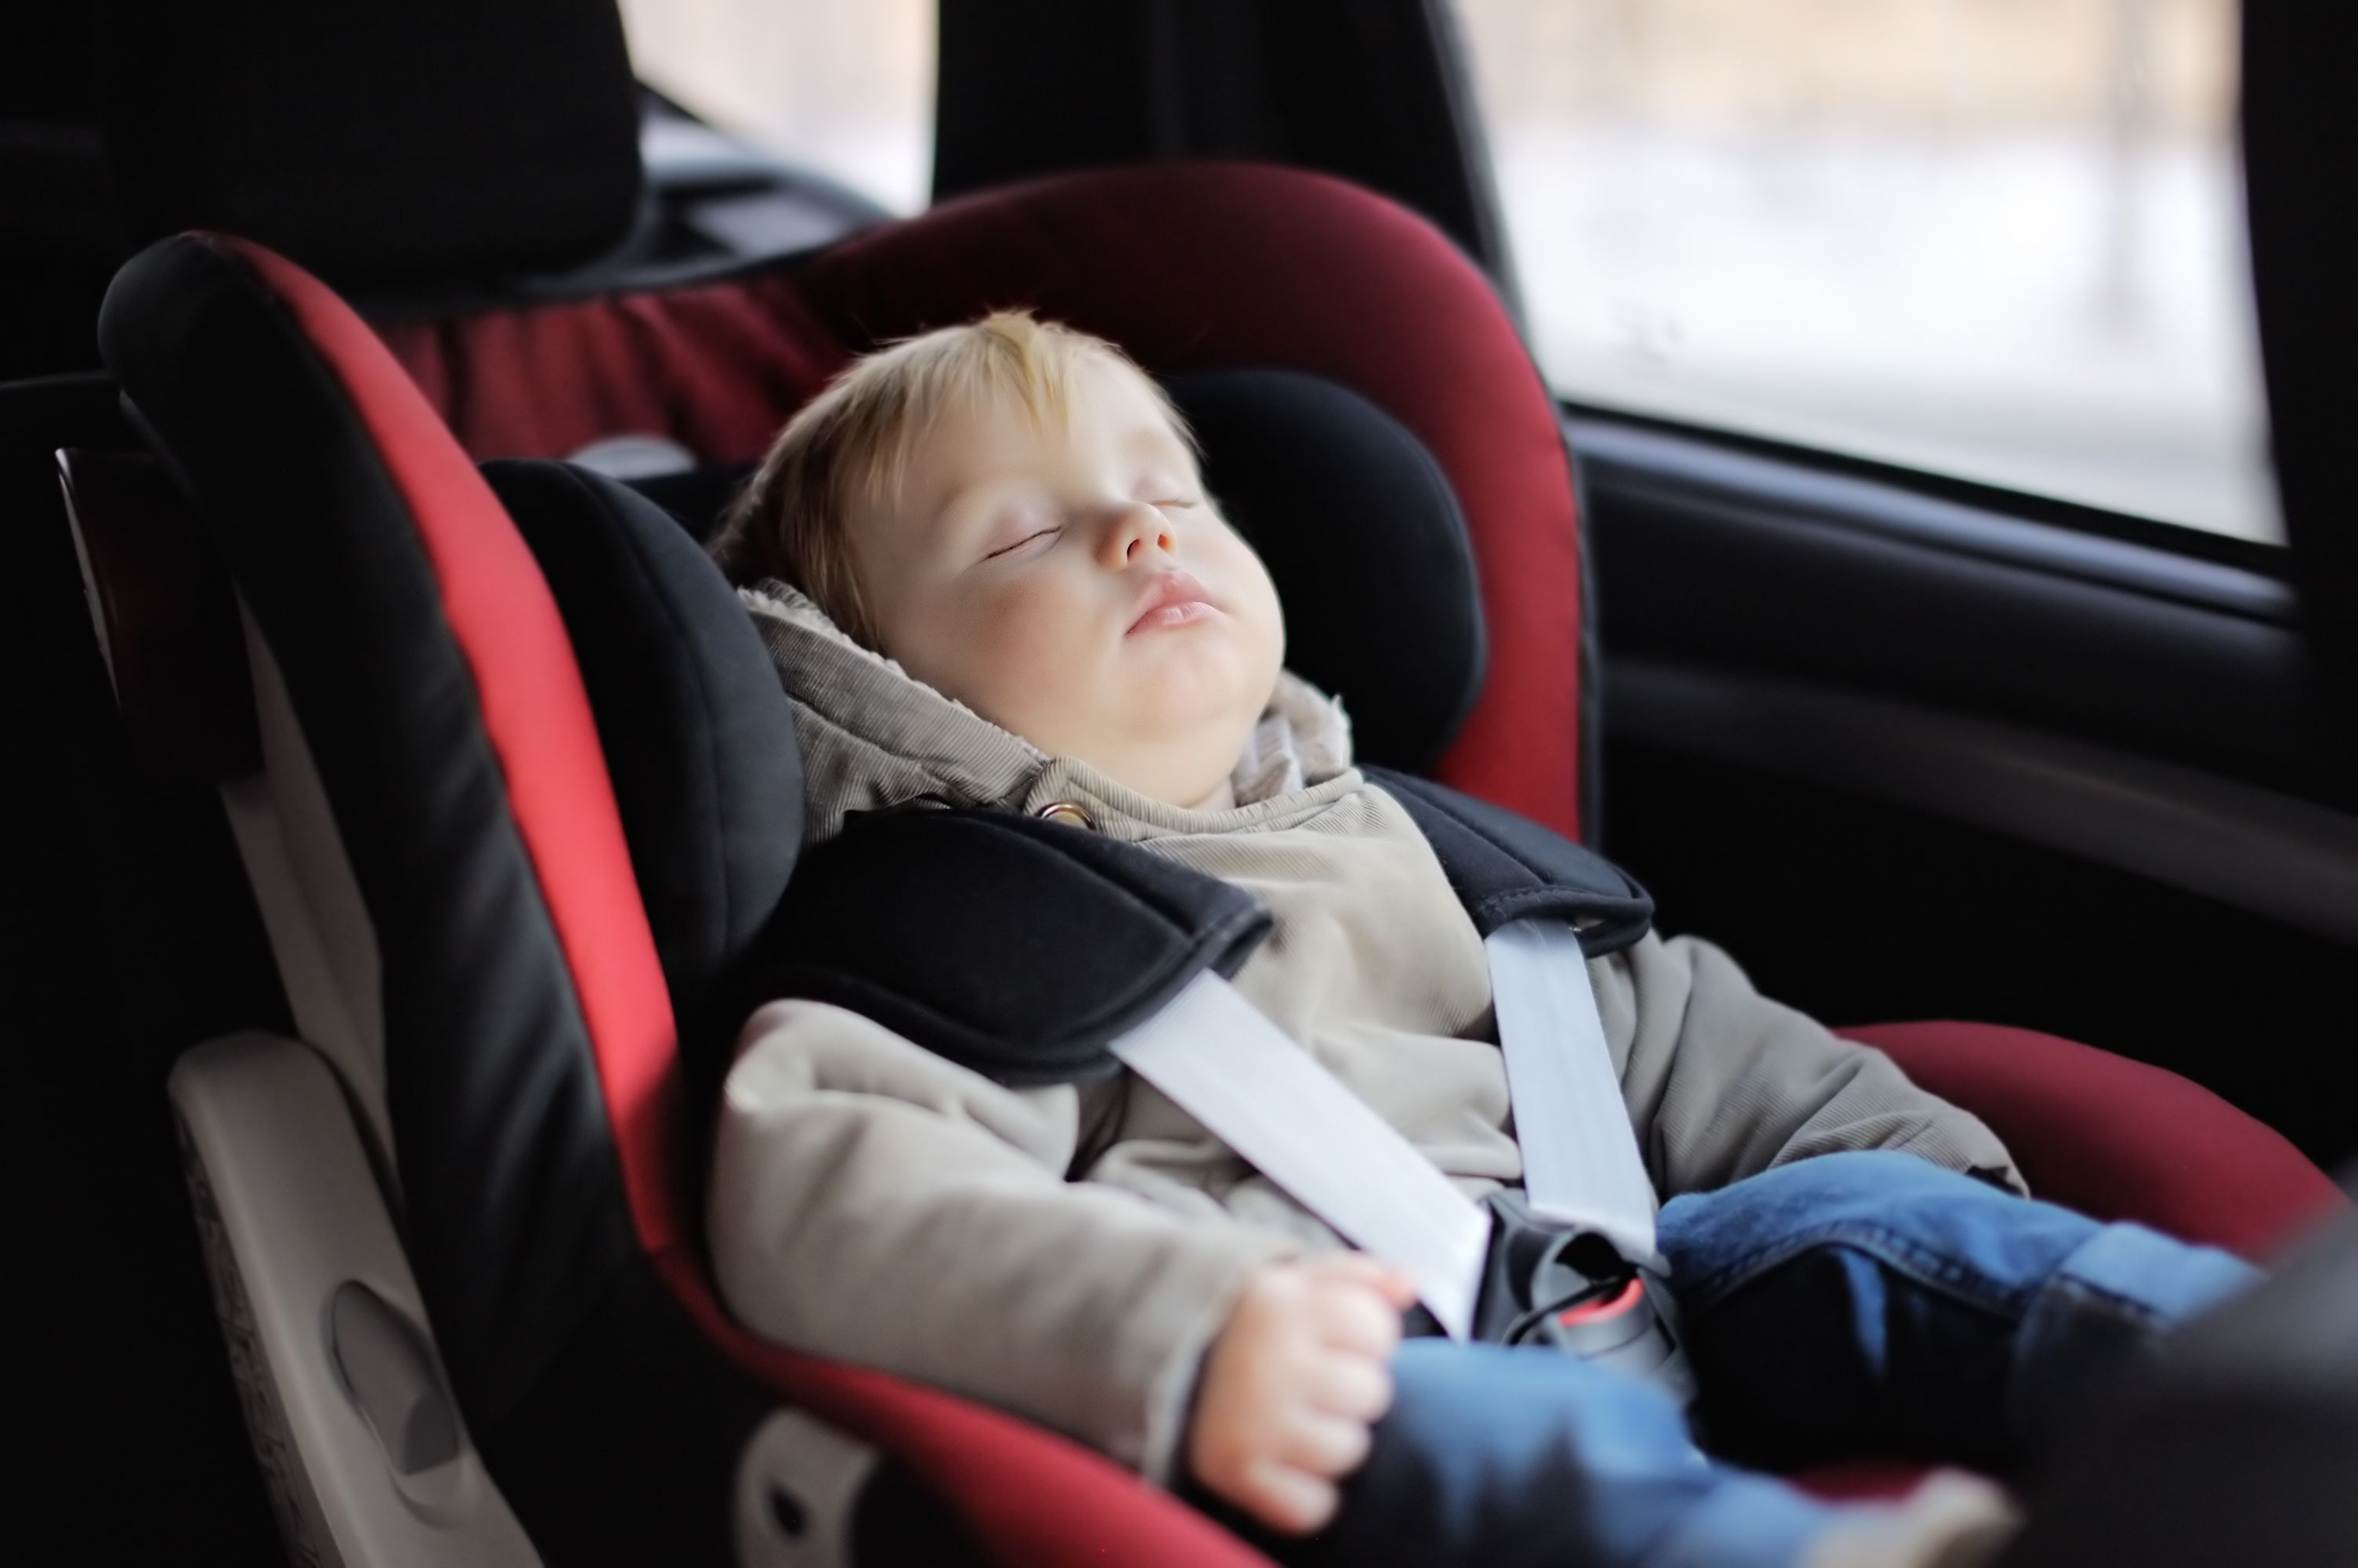 Sillas para niños: Servicios de Taxis Aeropuerto Madrid